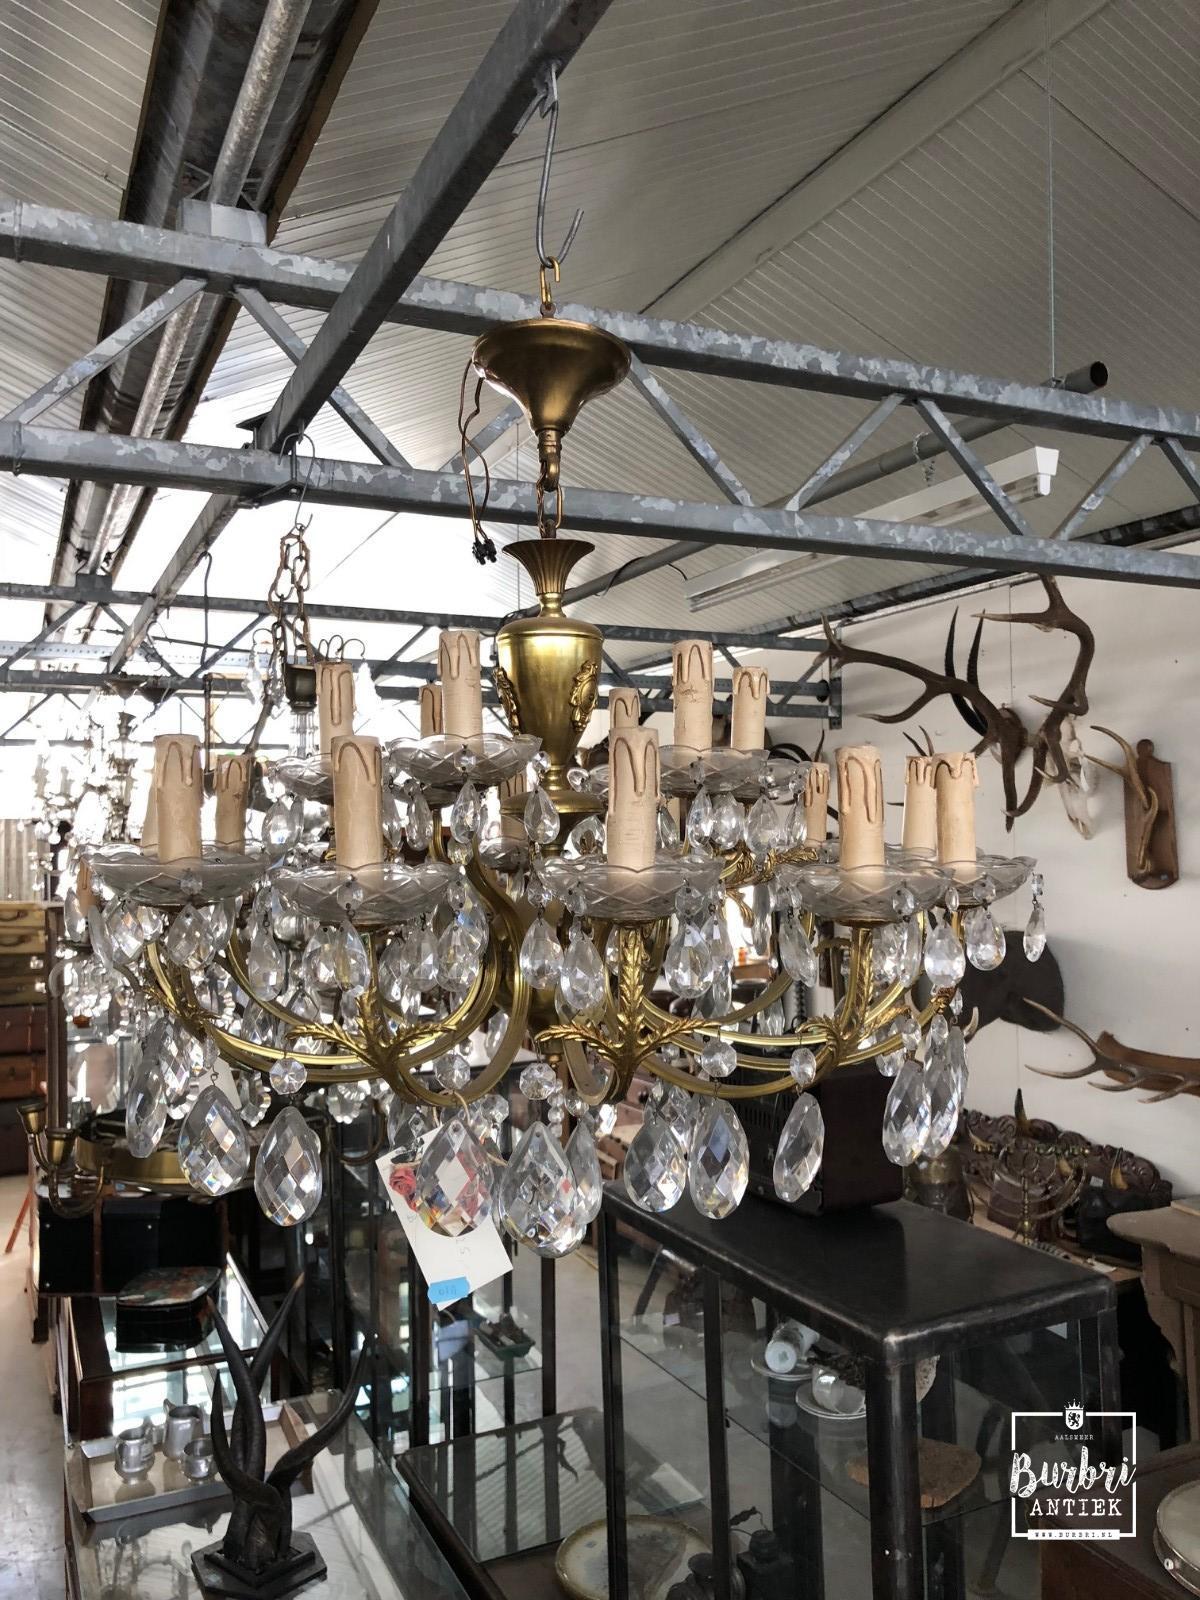 Lampen Antiek stijl in Kristal, - Antieke verlichting - Burbri